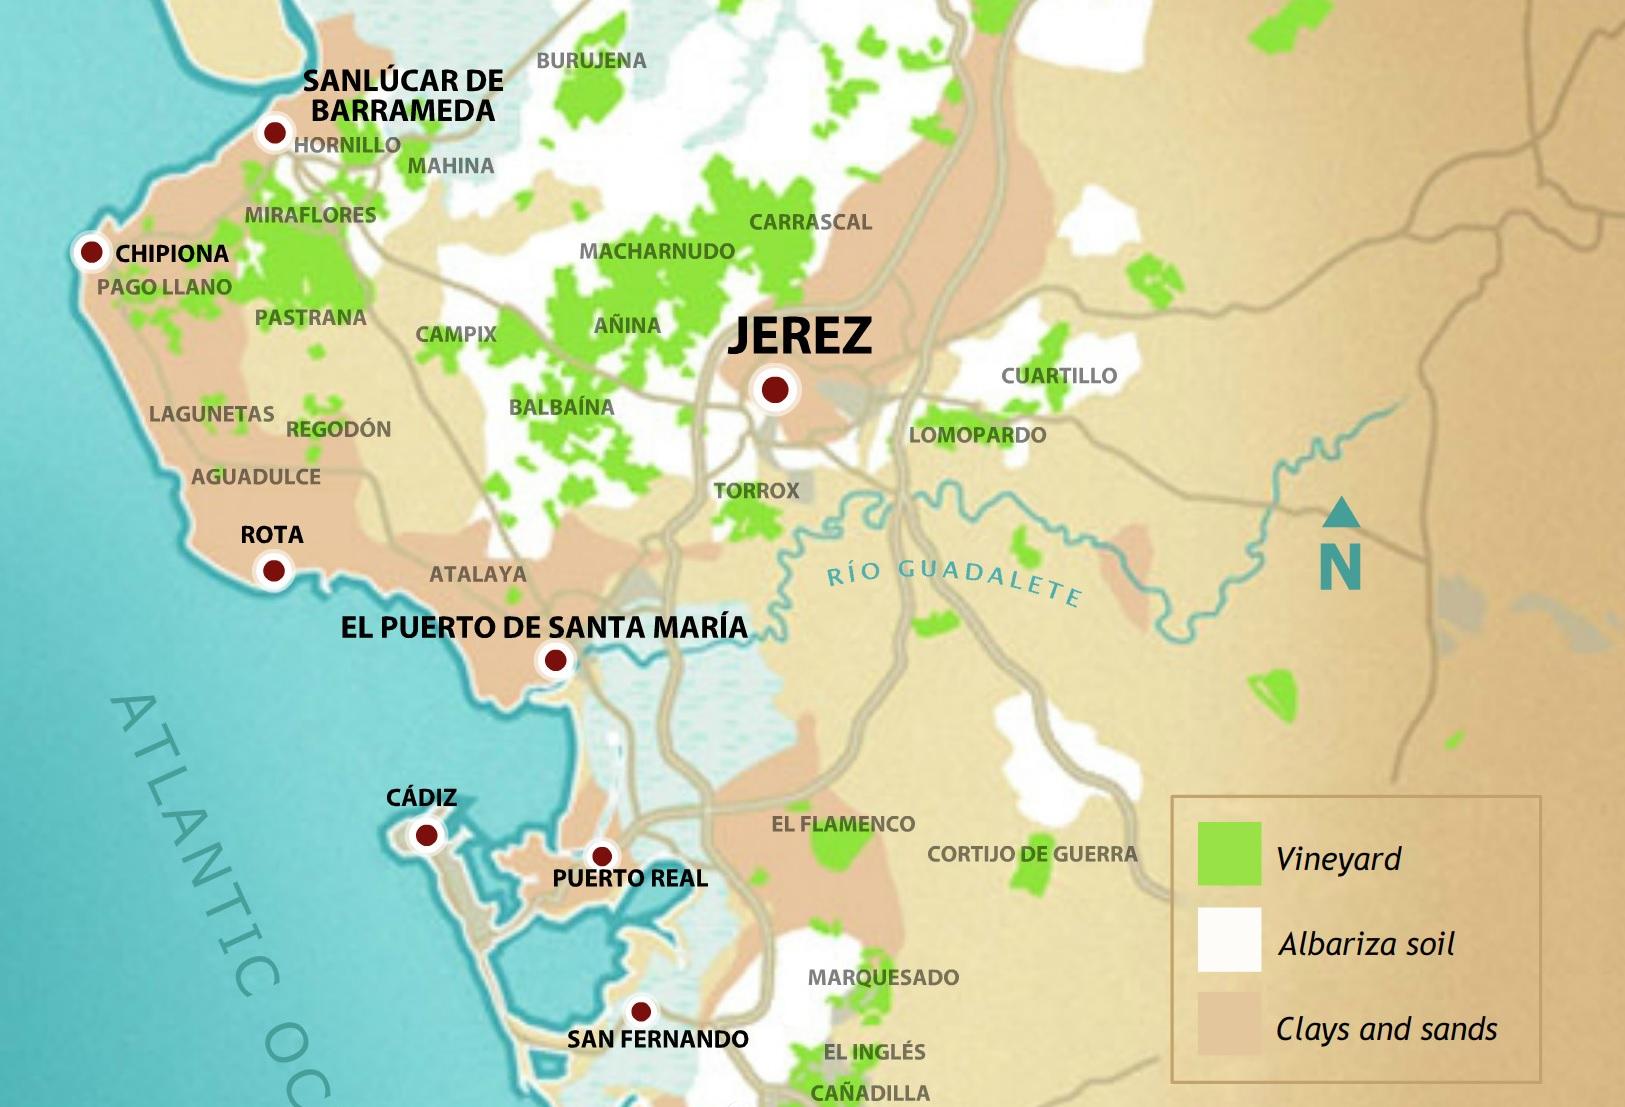 西班牙雪莉酒官方认证讲师之旅第3张-葡萄酒博客